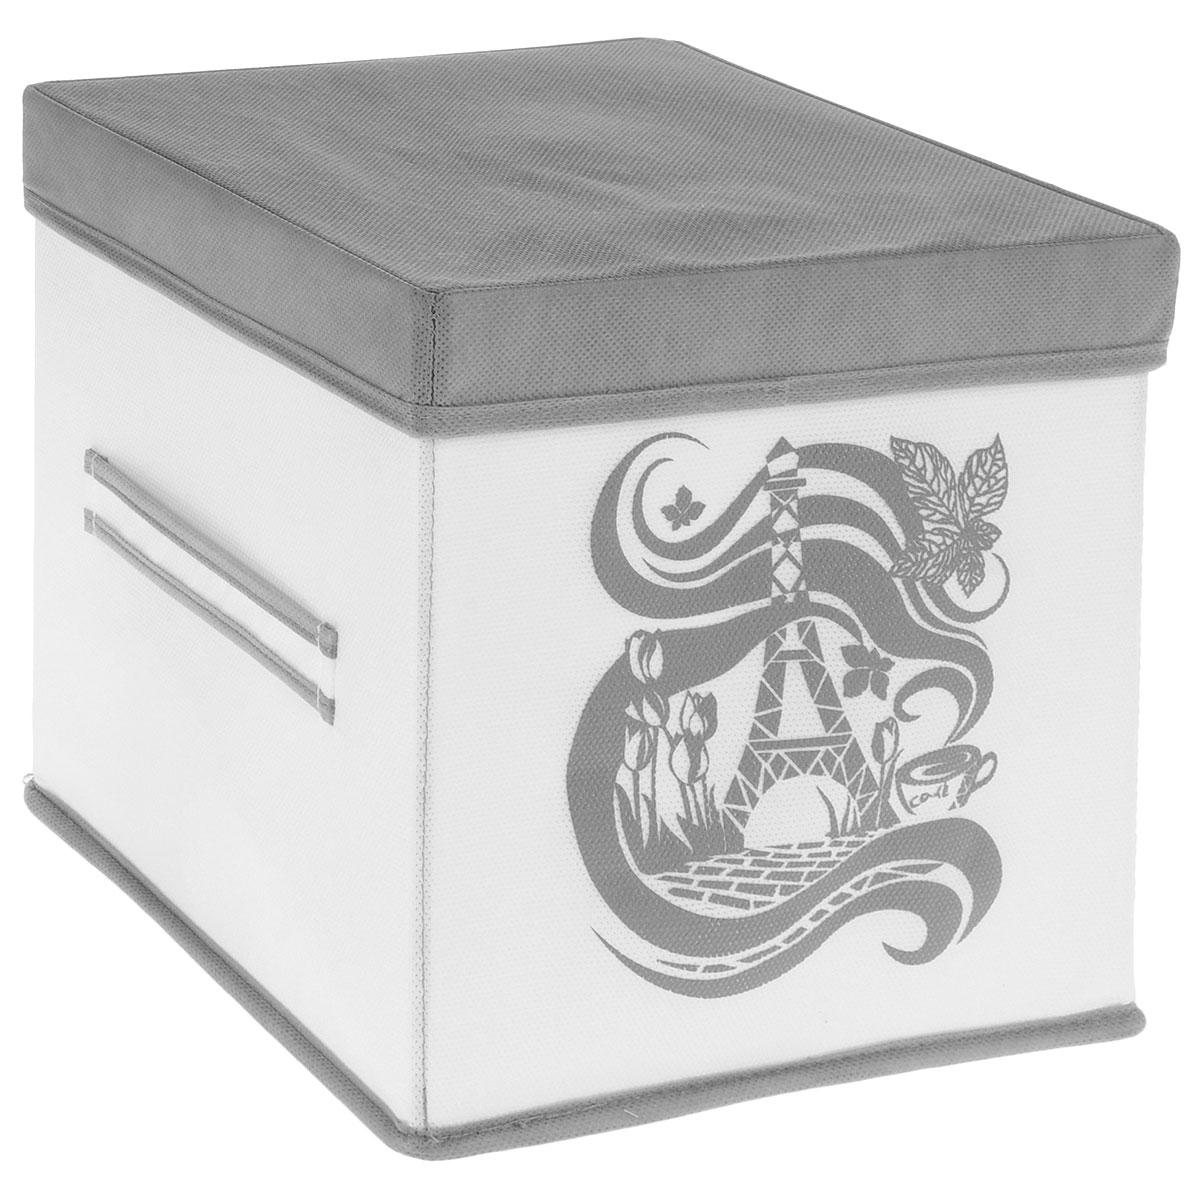 Коробка для вещей и игрушек Все на местах Париж, с крышкой, цвет: серый, белый, 25 х 25 х 25 см04161-370-03Коробка с крышкой Все на местах Париж выполнена из высококачественного нетканого материала, который обеспечивает естественную вентиляцию и предназначен для хранения вещей или игрушек. Он защитит вещи от повреждений, пыли, влаги и загрязнений во время хранения и транспортировки. Размер коробки: 25 х 25 х 25 см.